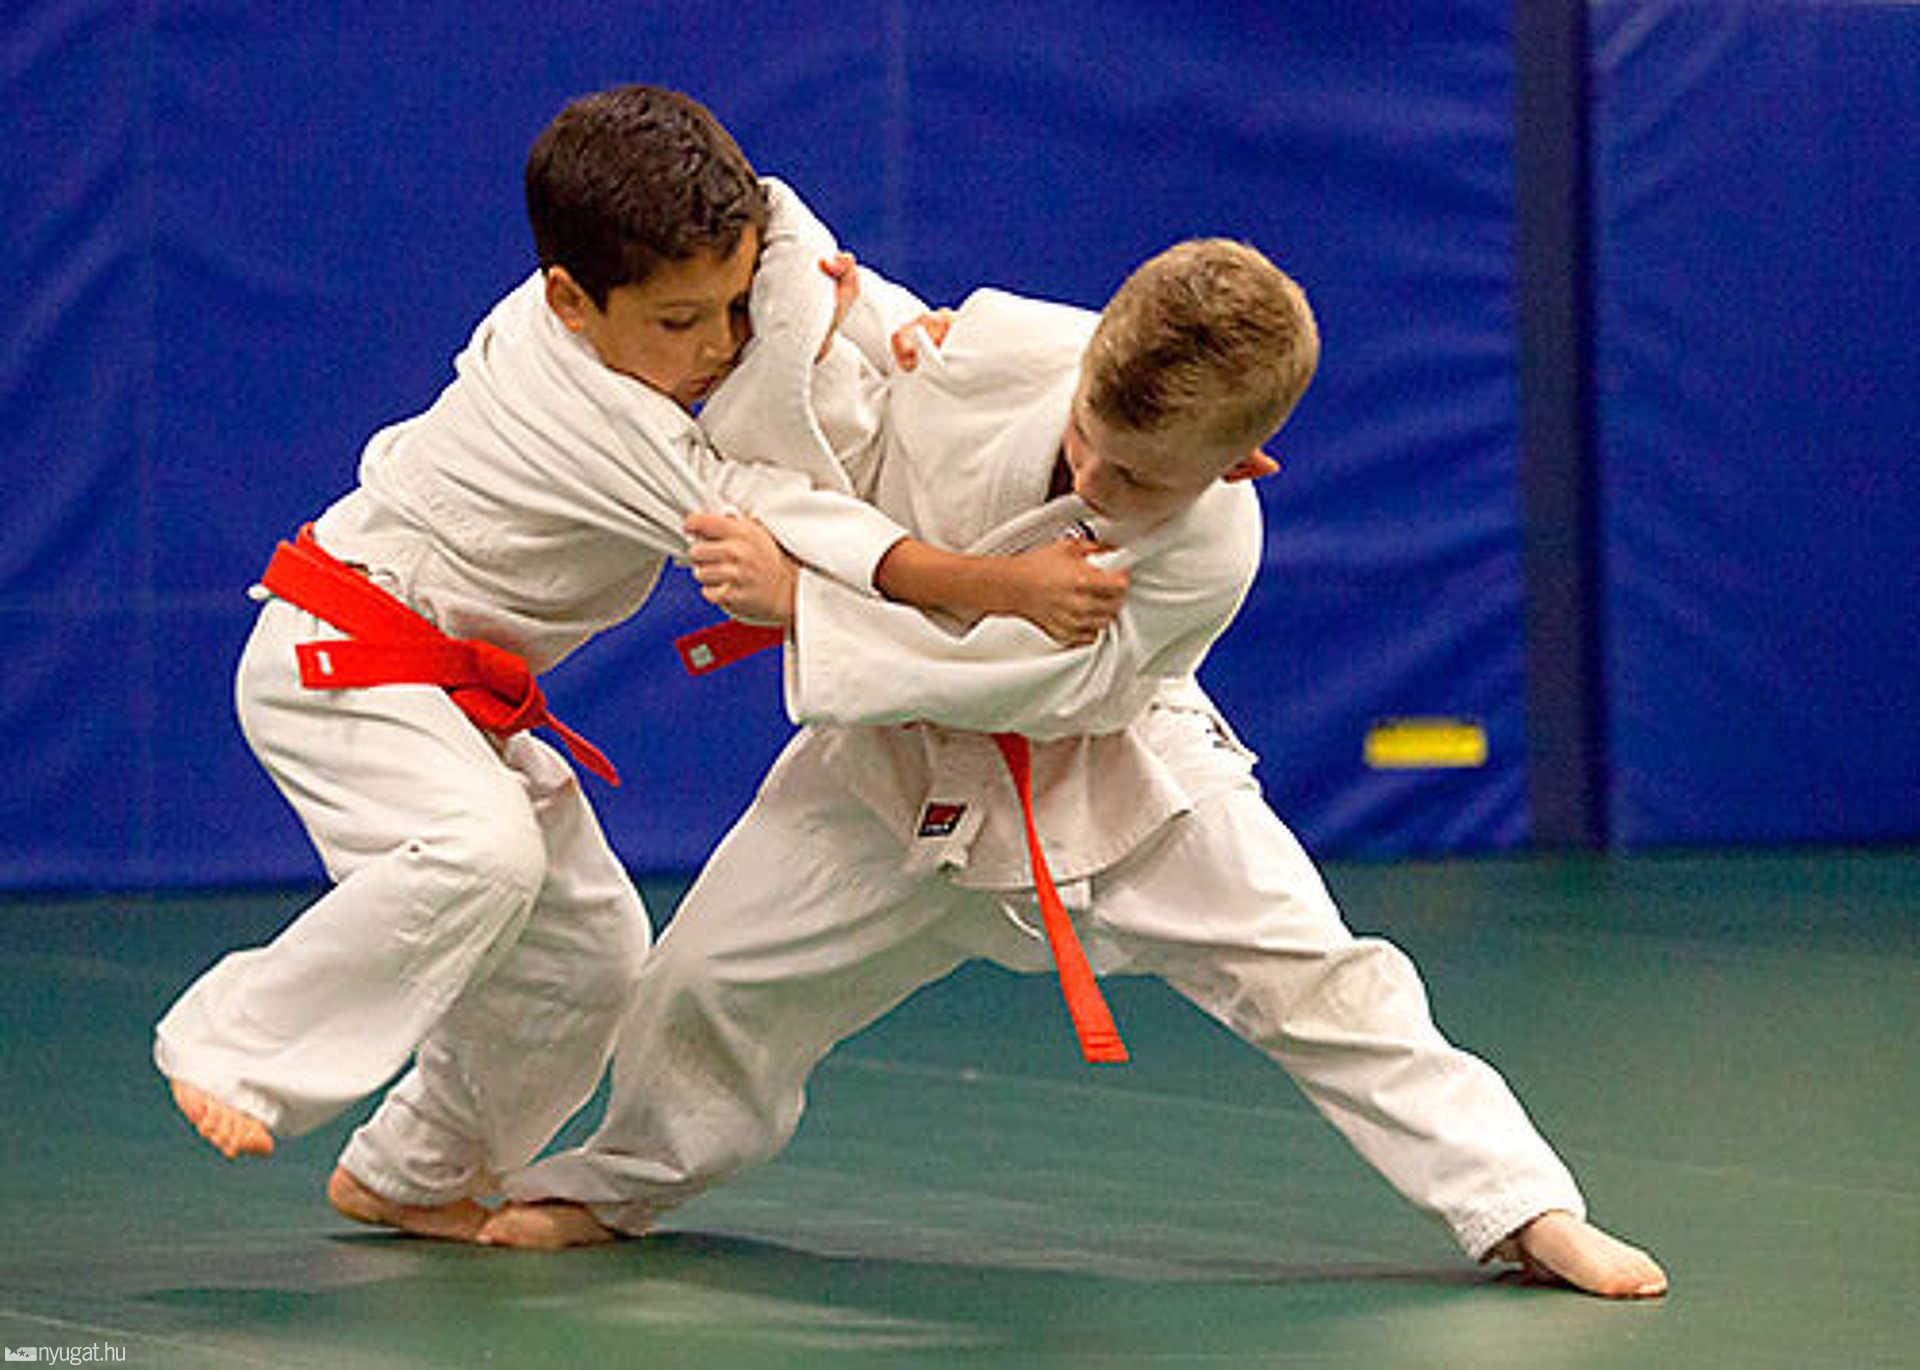 Küzdősport gyerekeknek